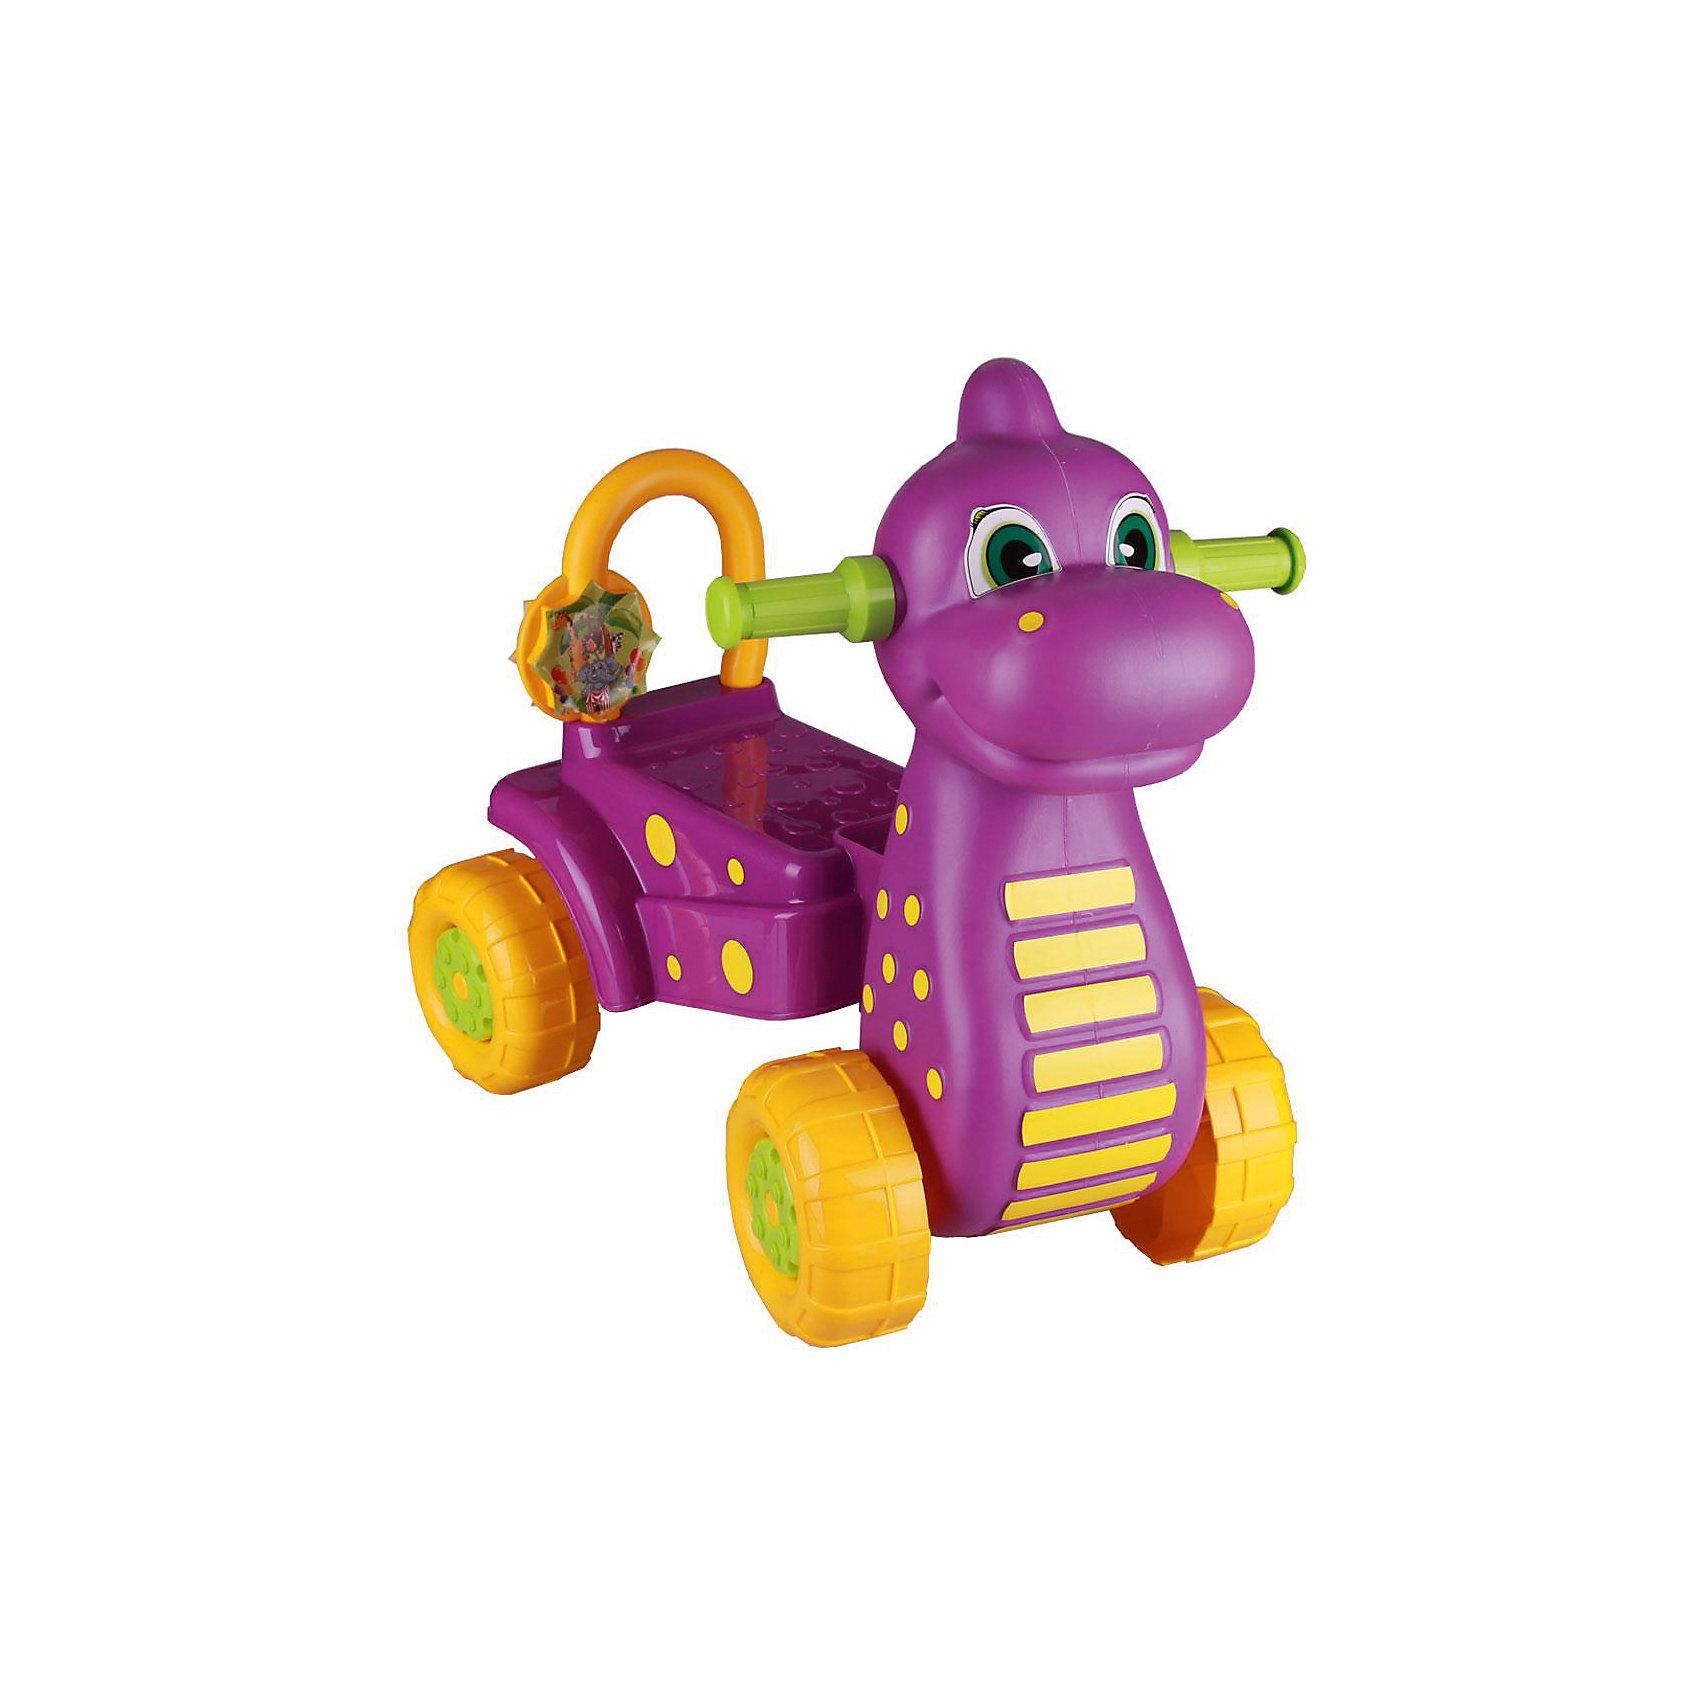 Каталка детская Дракон ,  Alternativa, фиолет.Машинки-каталки<br>Каталка Дракон очень привлекательная и удобная! Она сделана в форме милого дракона, готового довезти ребенка до места назначения. Каталка устойчиво держится на четырех крупных колесах, имеет хвостик-спинку и удобные ушки-ручки. Яркая и легкая каталка прекрасно подойдет для веселых прогулок и развлечений!<br><br>Дополнительная информация:<br>Цвет: фиолетовая<br>Материал: пластик<br>Размер: 56х34х51 см<br><br>Вы можете приобрести каталку Дракон в нашем интернет-магазине.<br><br>Ширина мм: 560<br>Глубина мм: 340<br>Высота мм: 510<br>Вес г: 2213<br>Возраст от месяцев: 36<br>Возраст до месяцев: 144<br>Пол: Унисекс<br>Возраст: Детский<br>SKU: 4979691